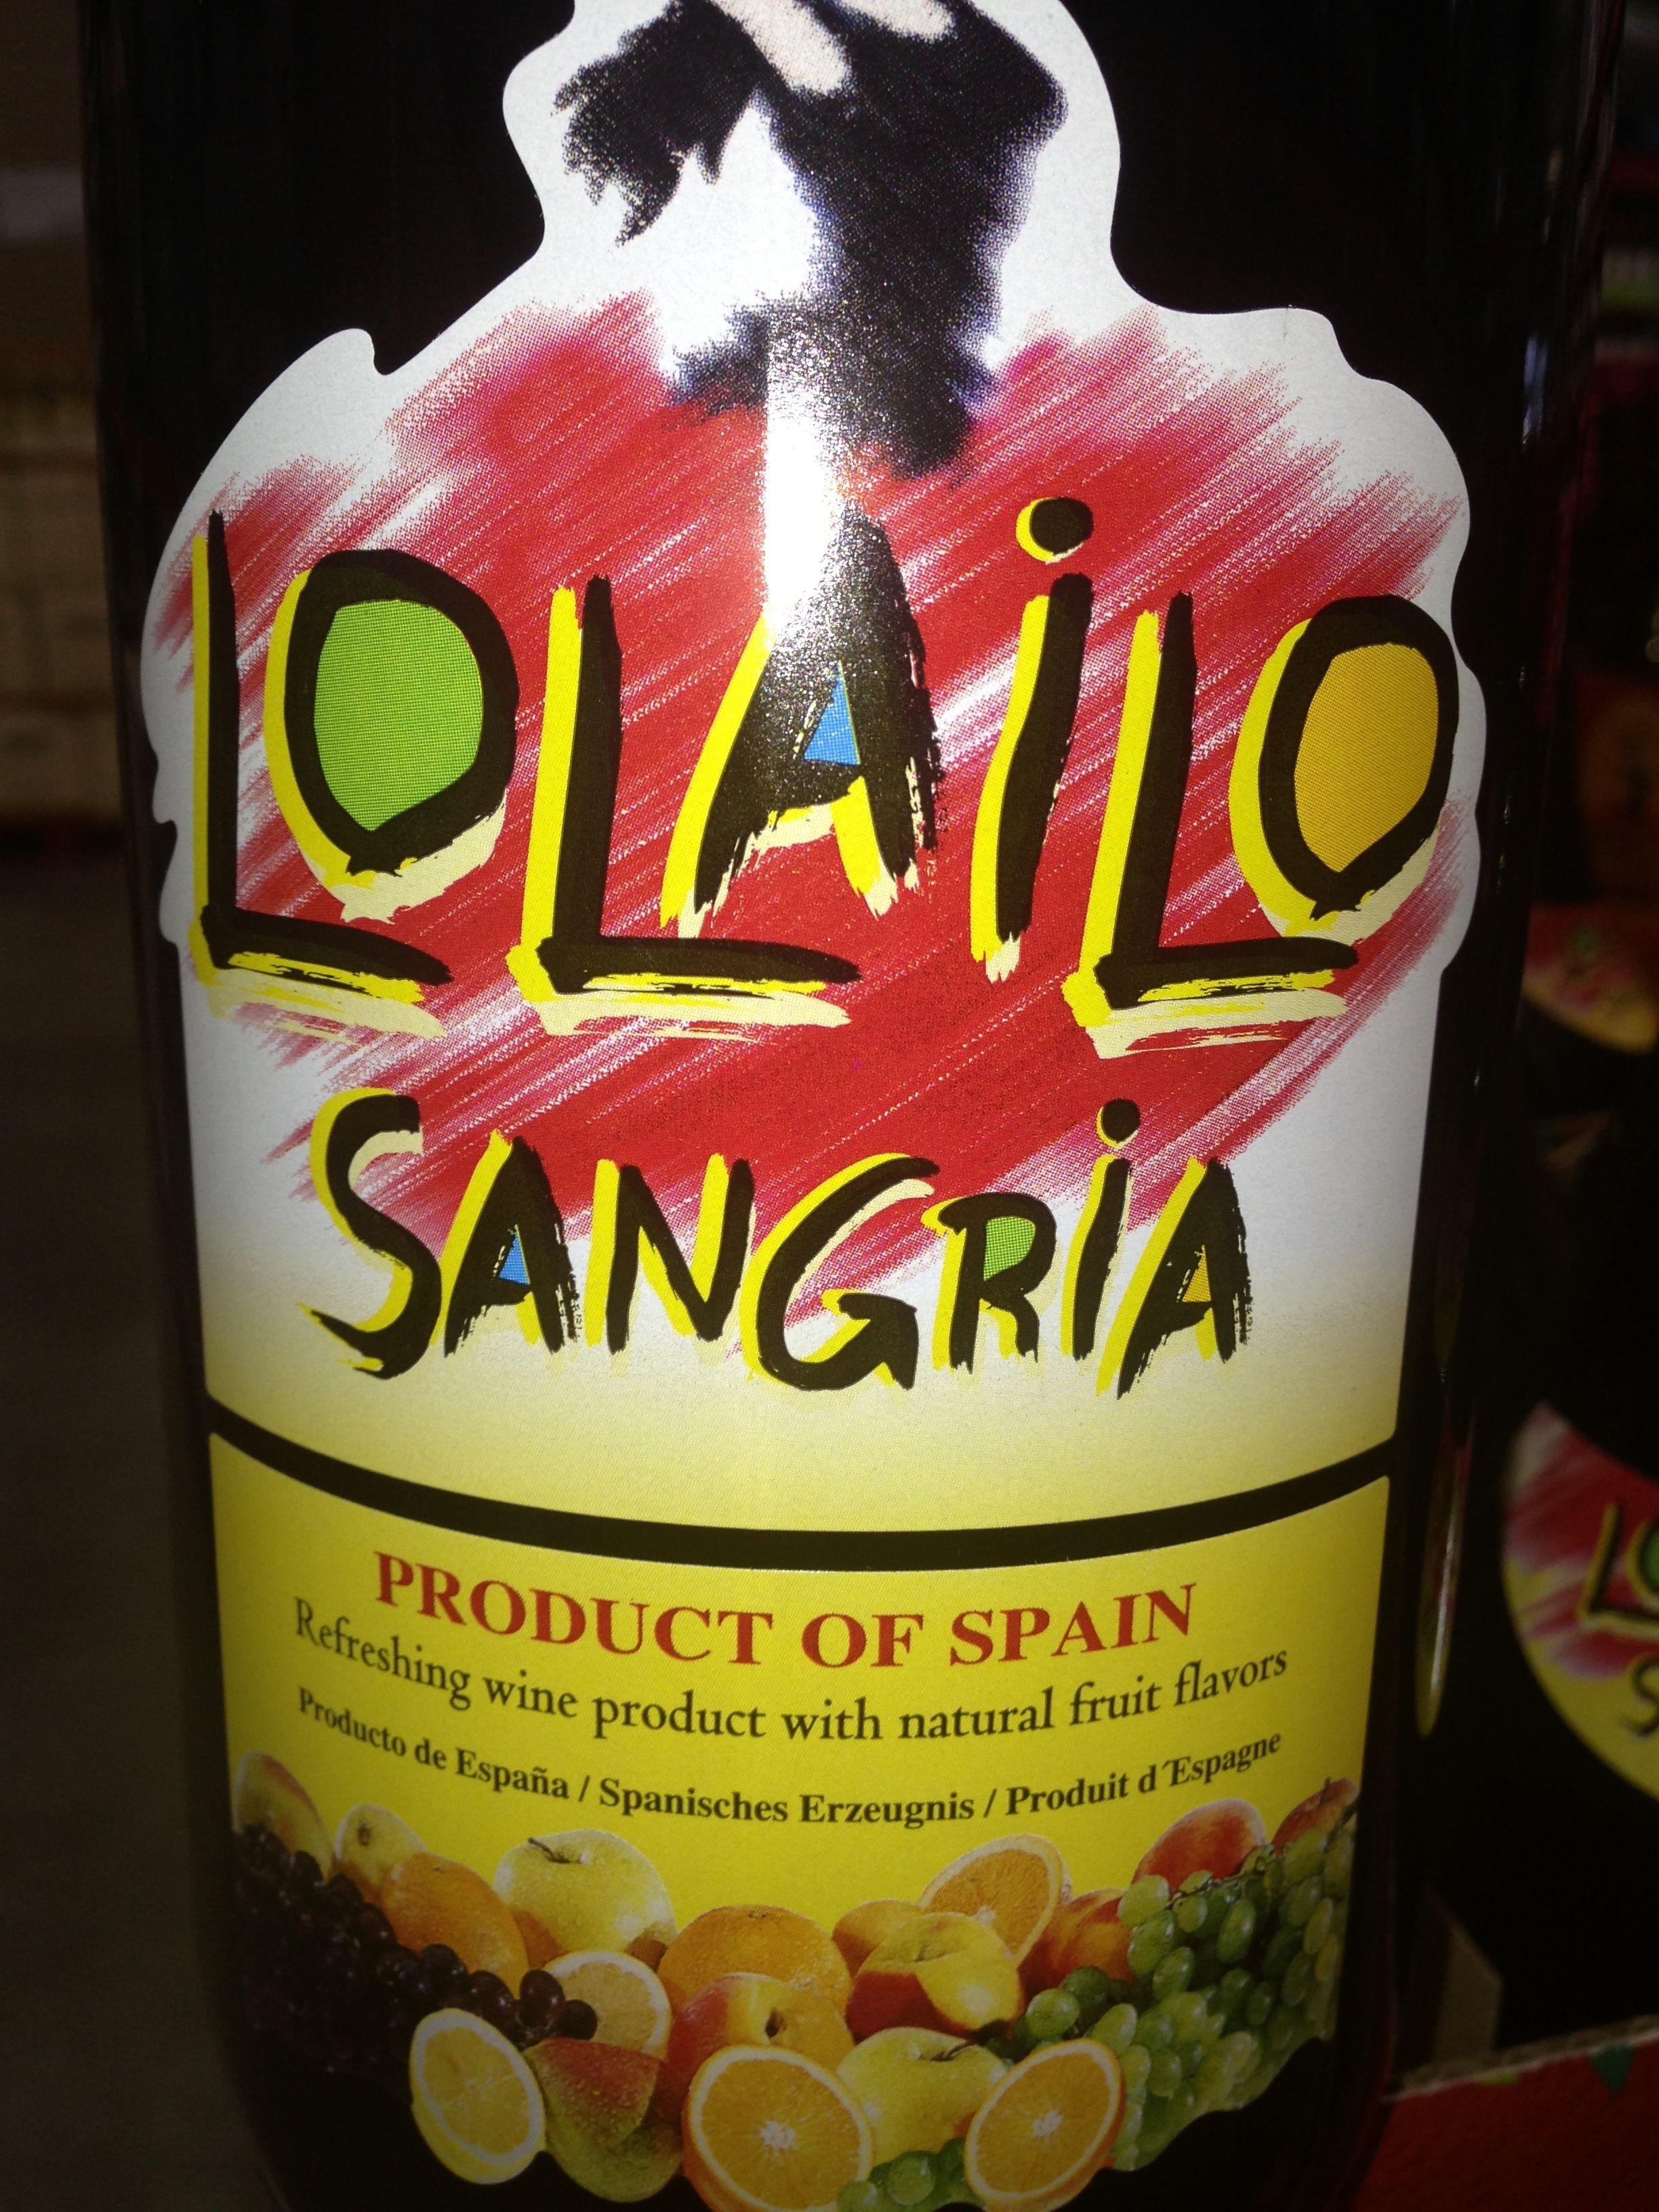 Sangria From Costco Fruit Flavored Tea Bottle Honest Tea Bottle